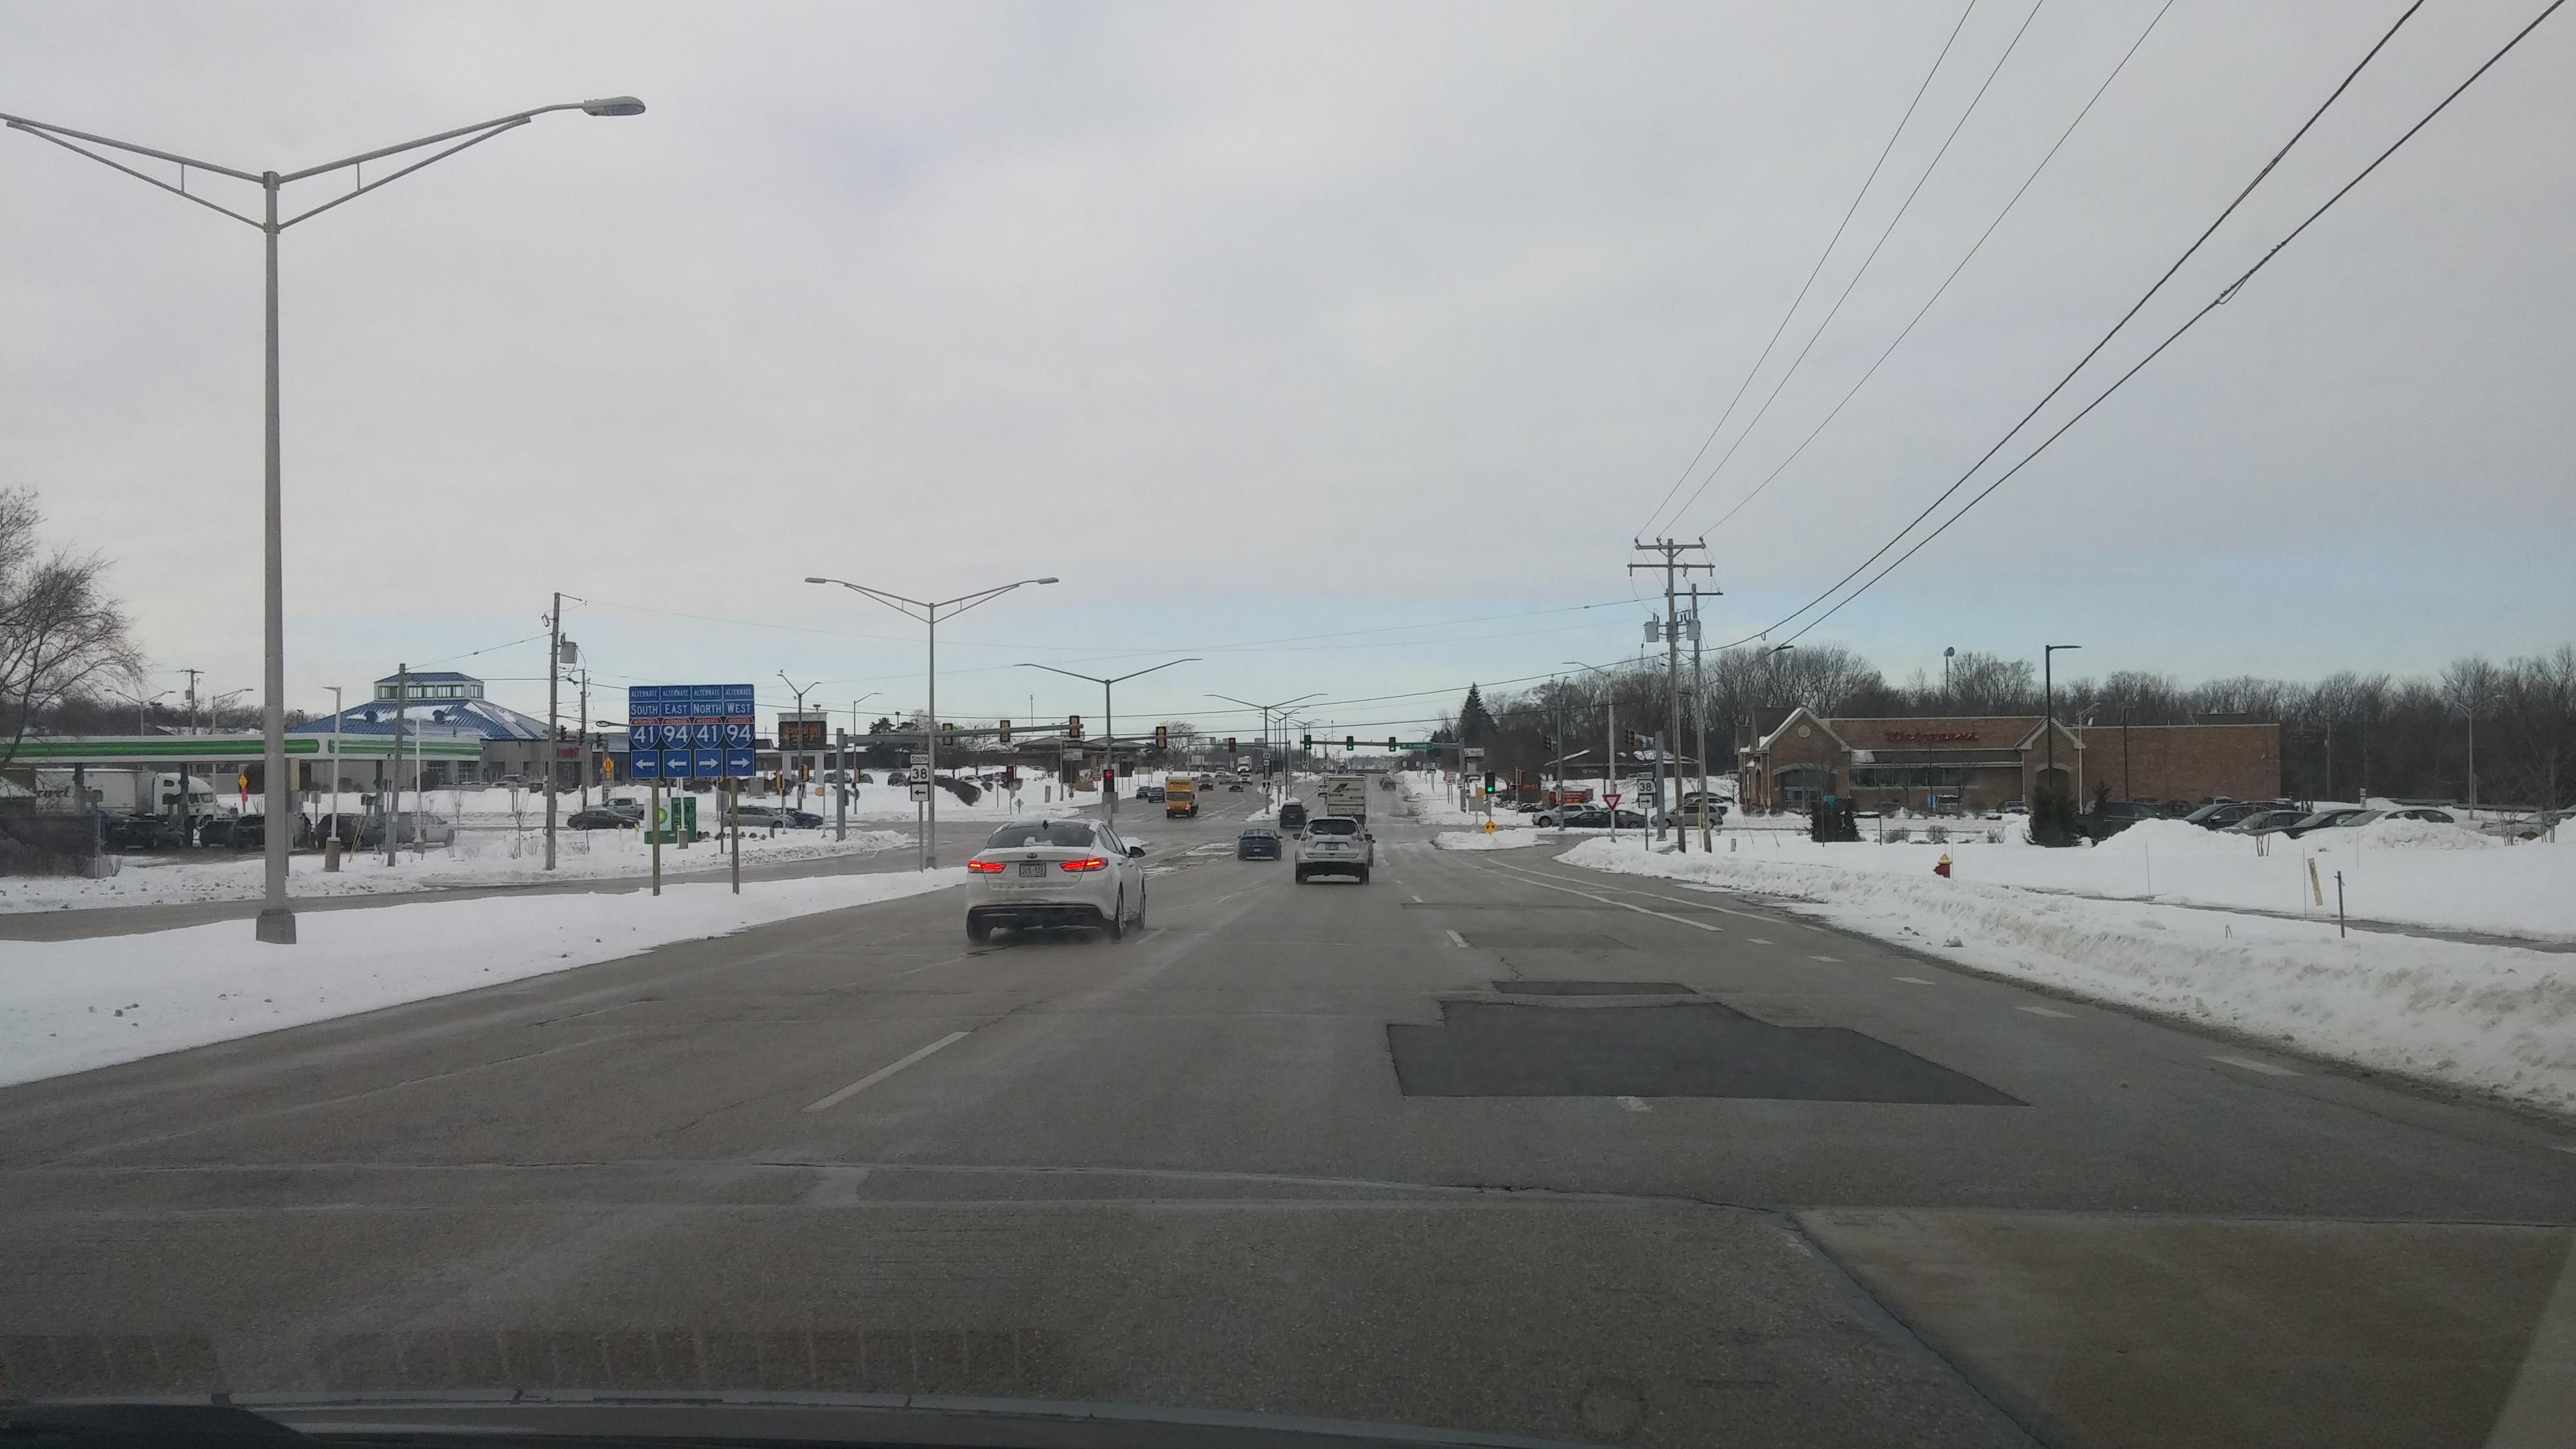 Ryan Road is part of Highway 100. Photo by Carl Baehr.